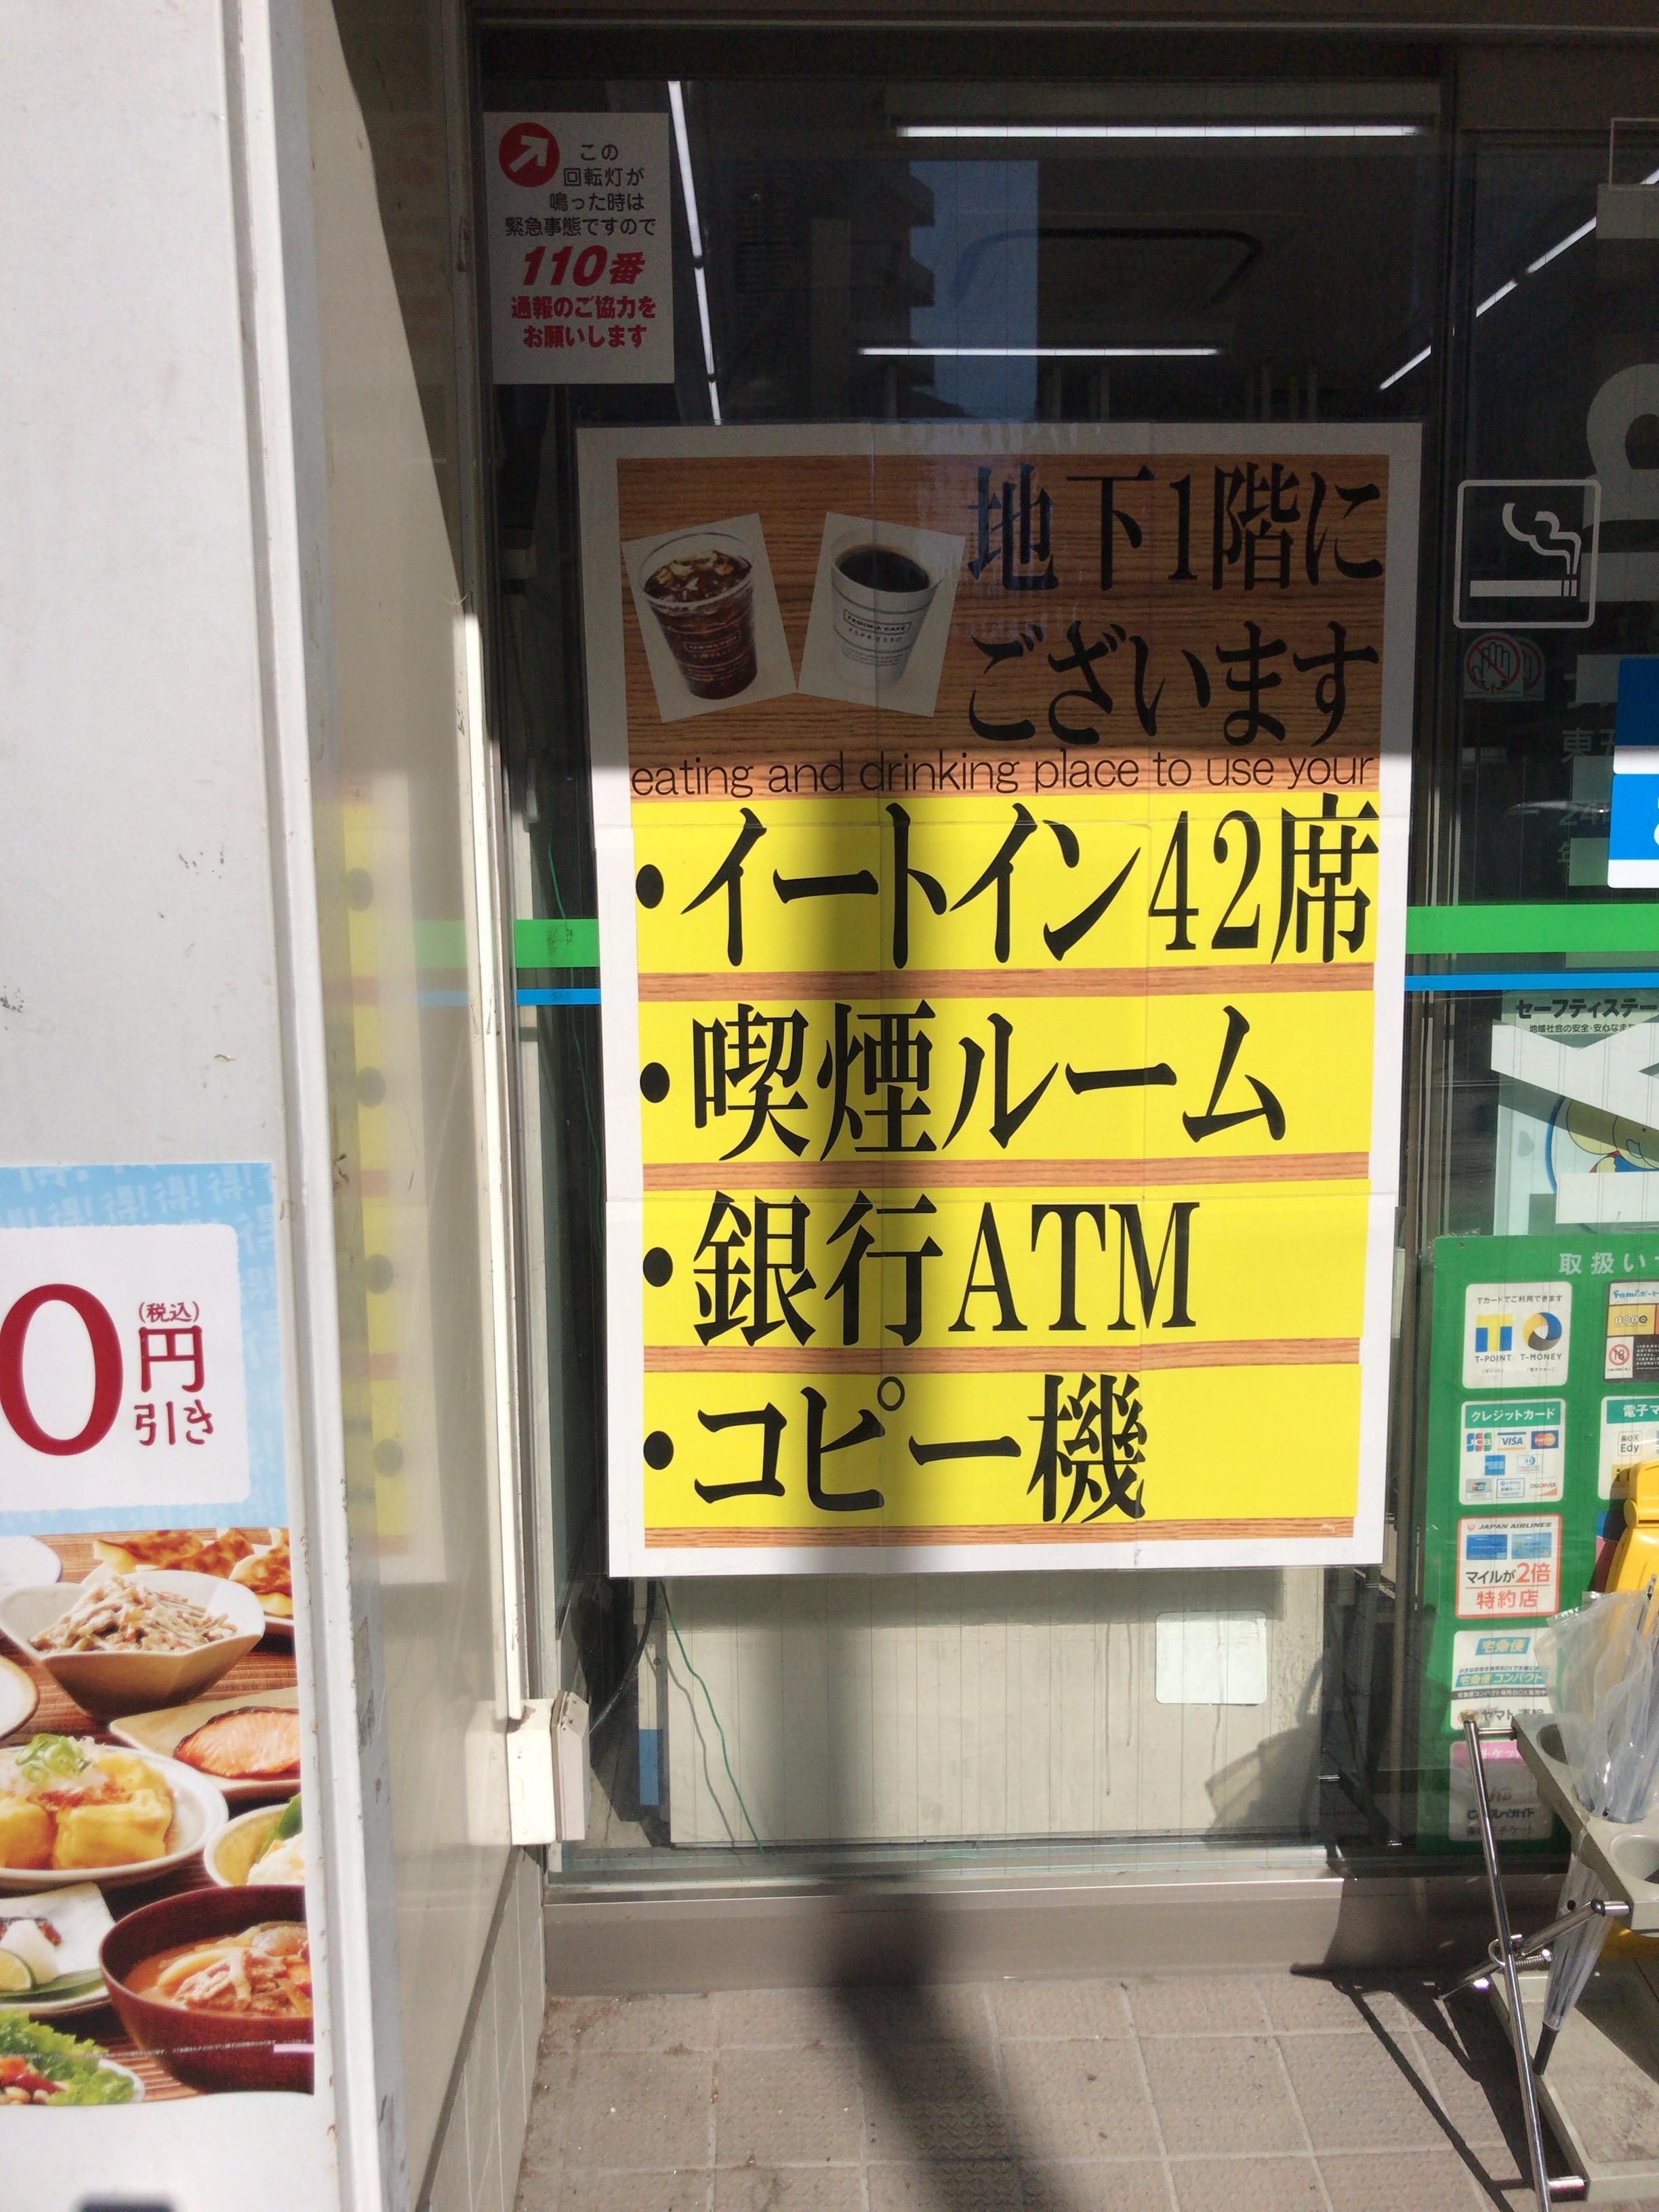 ファミリーマート 東五反田五丁目店